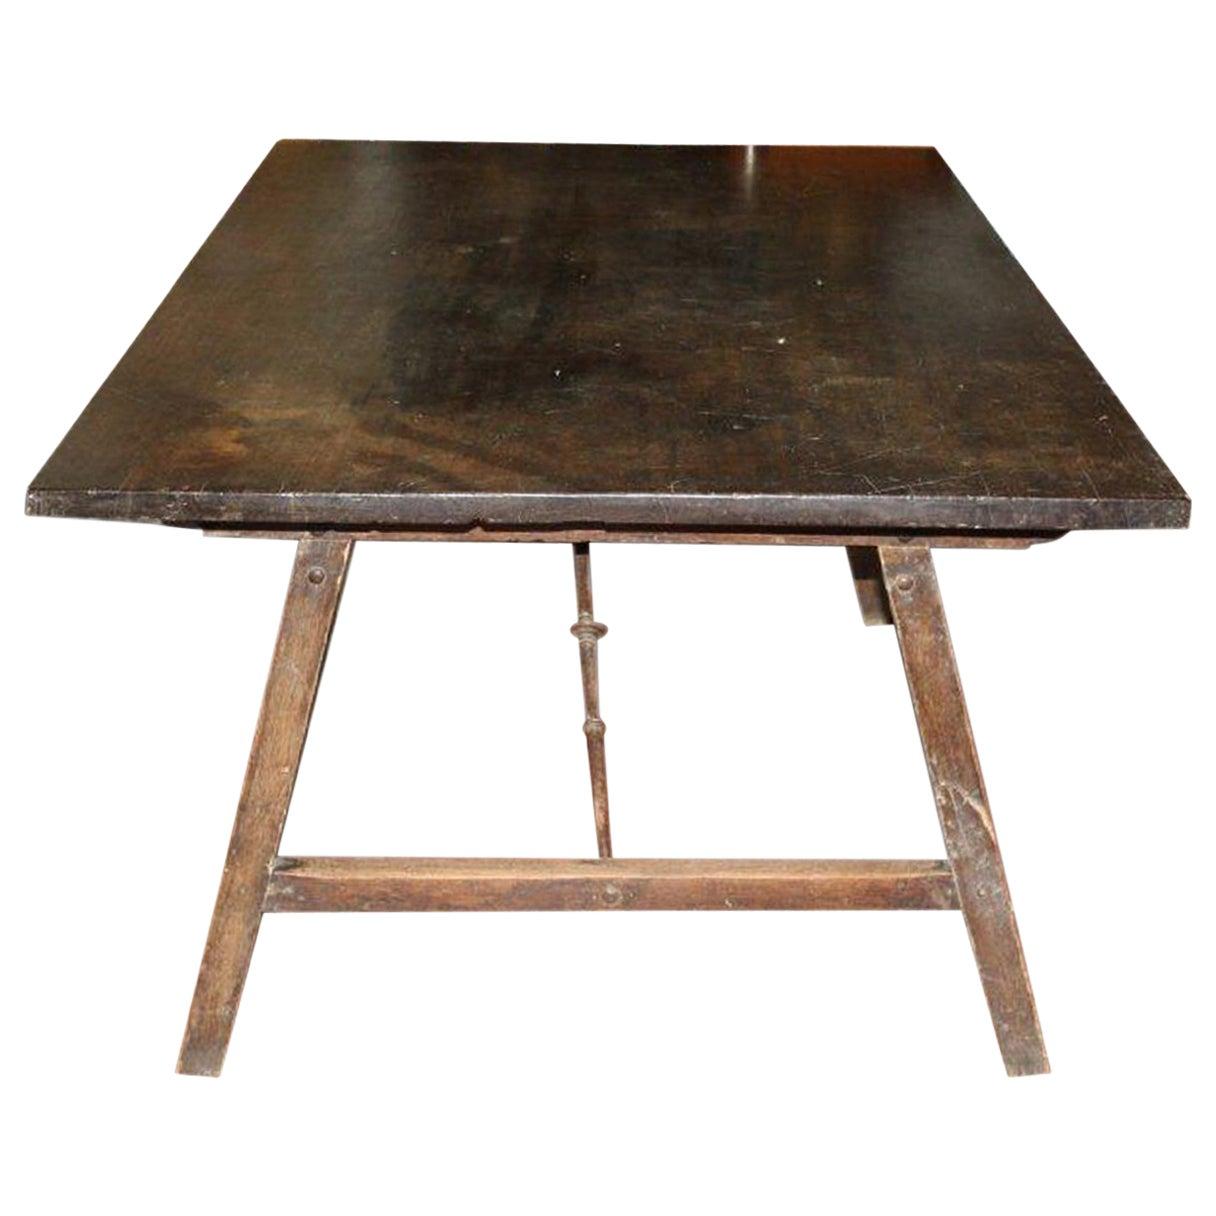 Mahogany Table Foldable Legs, 17th Century